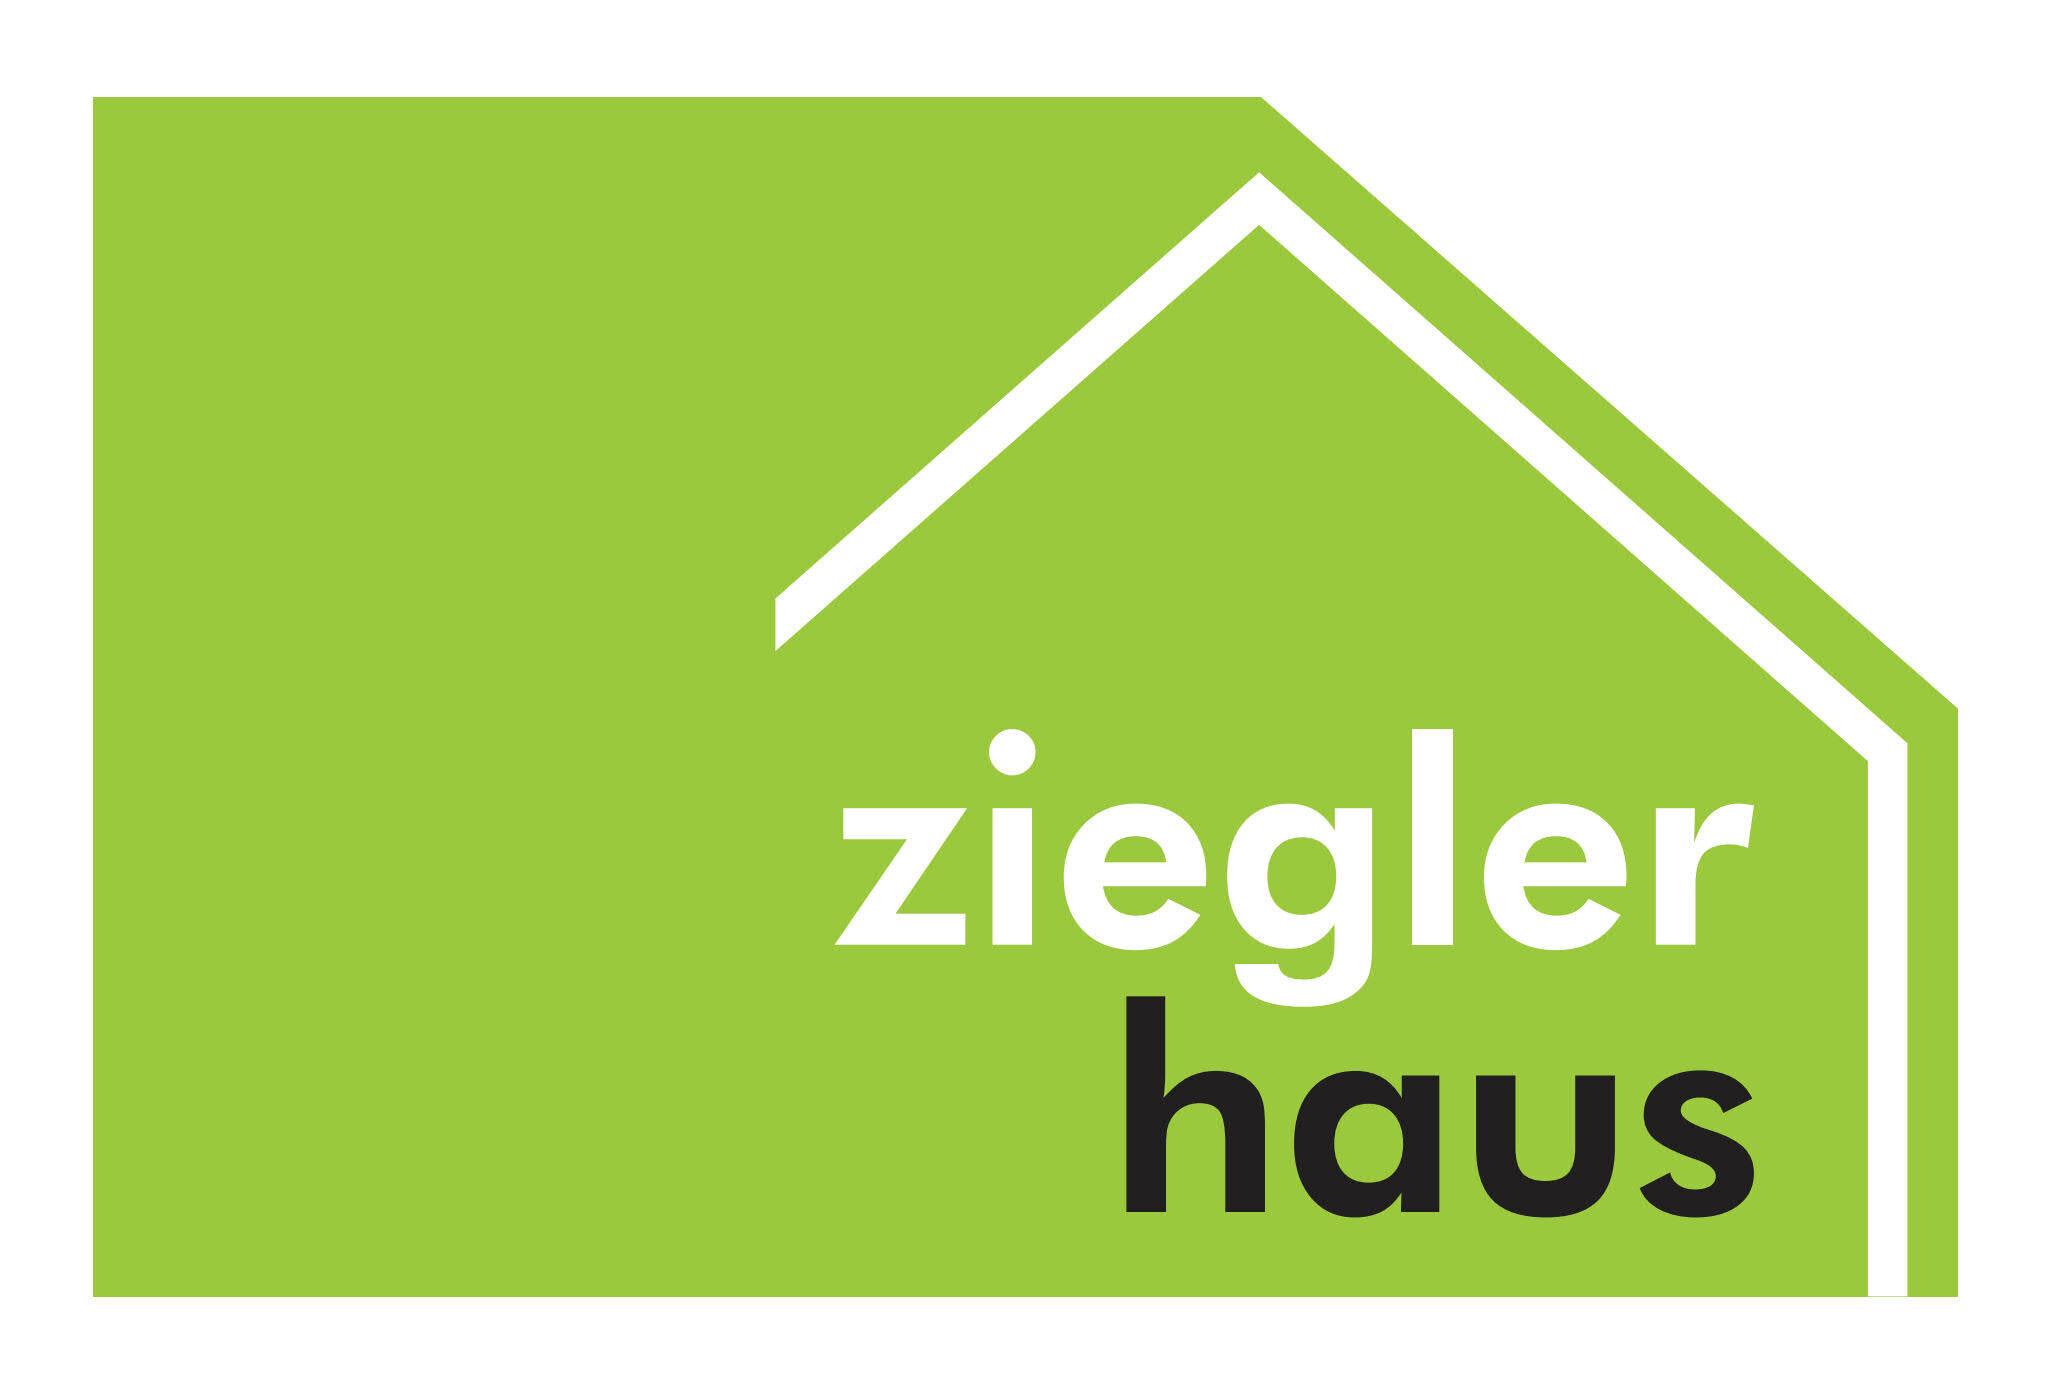 Ziegler Haus